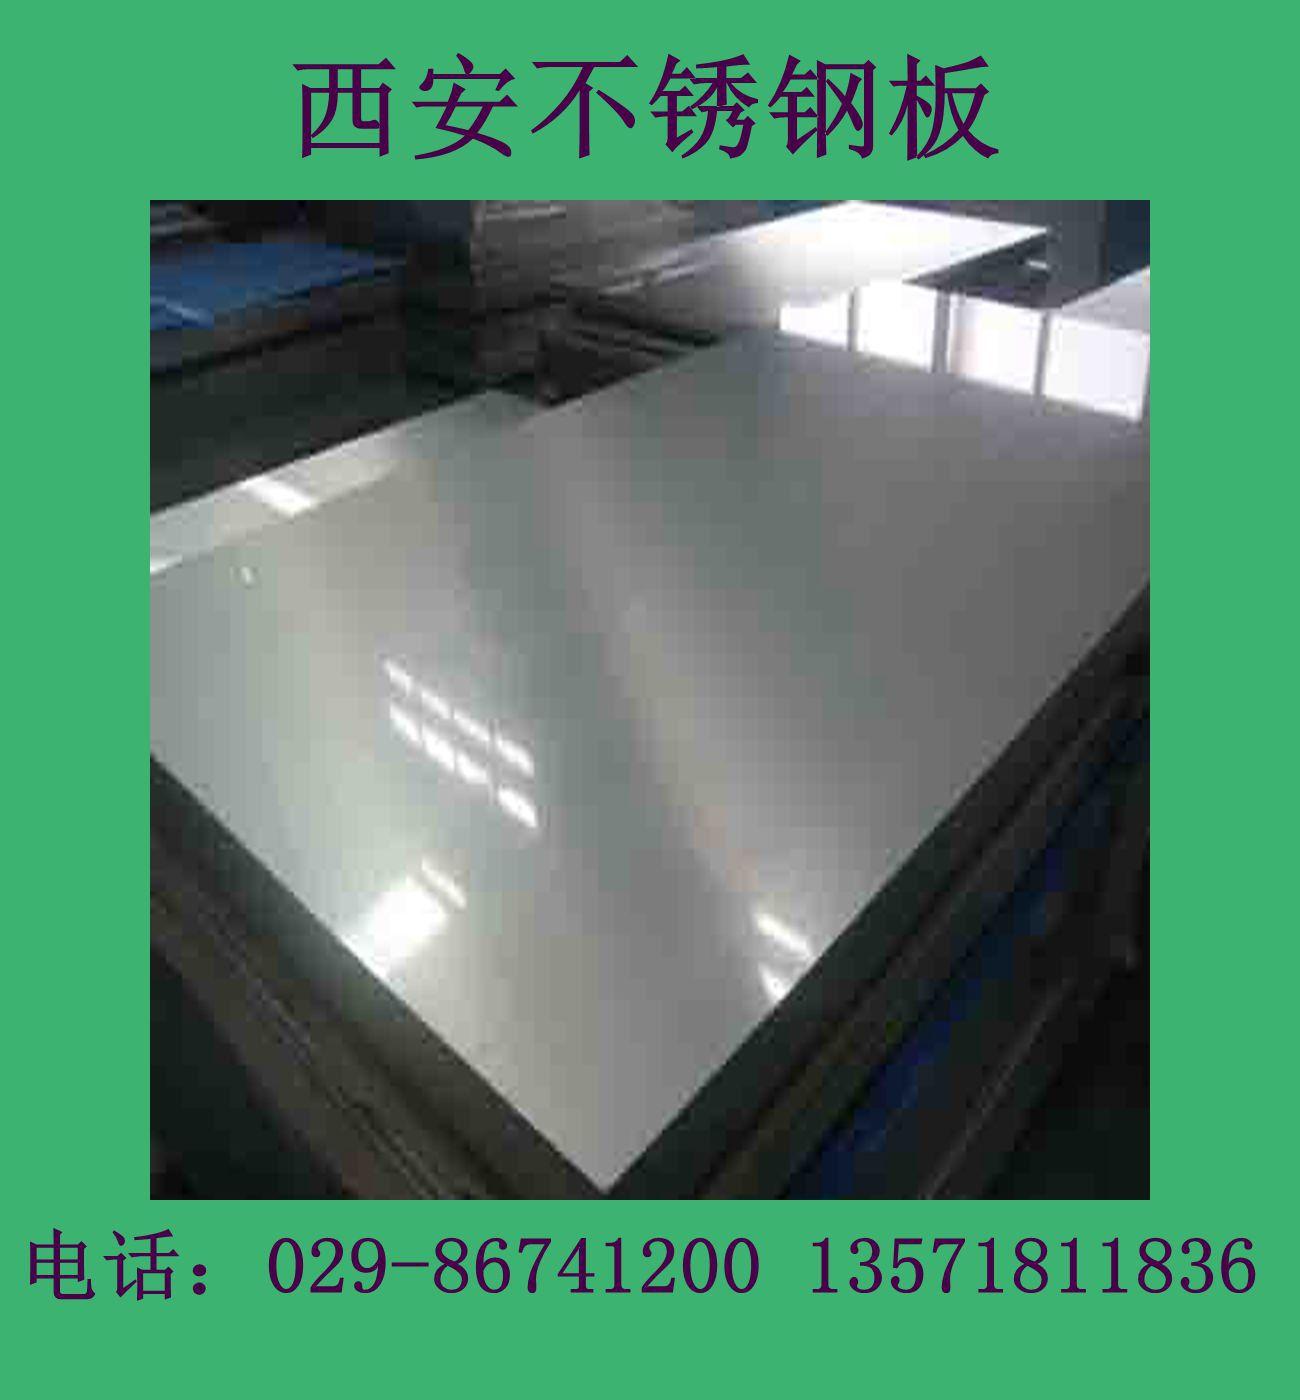 烏魯木齊不銹鋼板304不銹鋼板316不銹鋼板310不銹鋼板廠家直銷